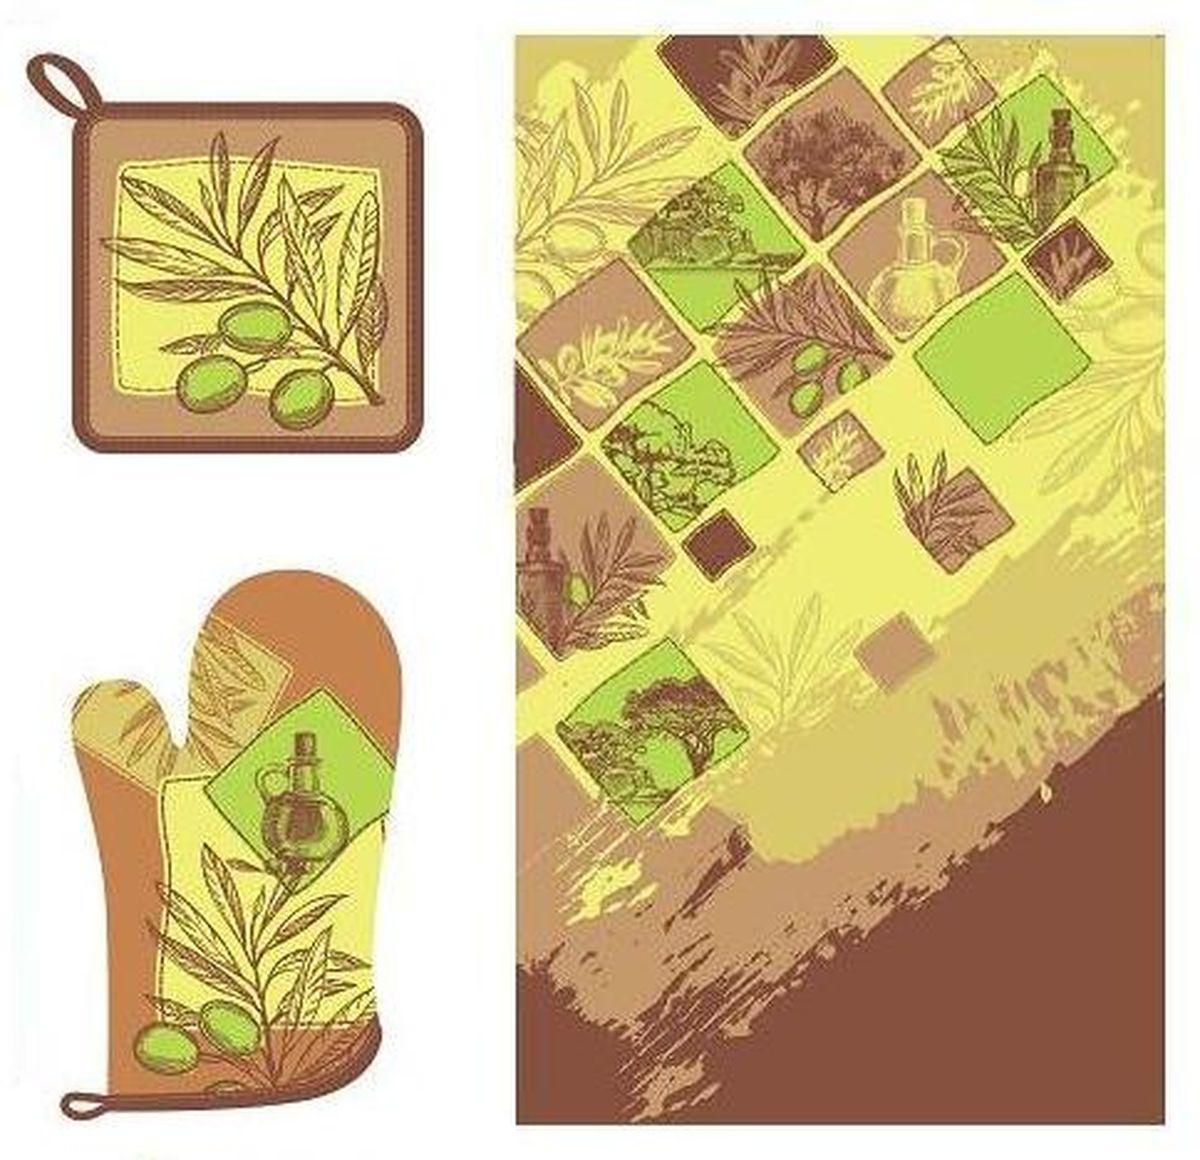 Набор кухонного текстиля Olive dream67412Набор кухонного текстиля выполнен из хлопка и украшен оригинальным принтом в оливковых и коричневых оттенках.